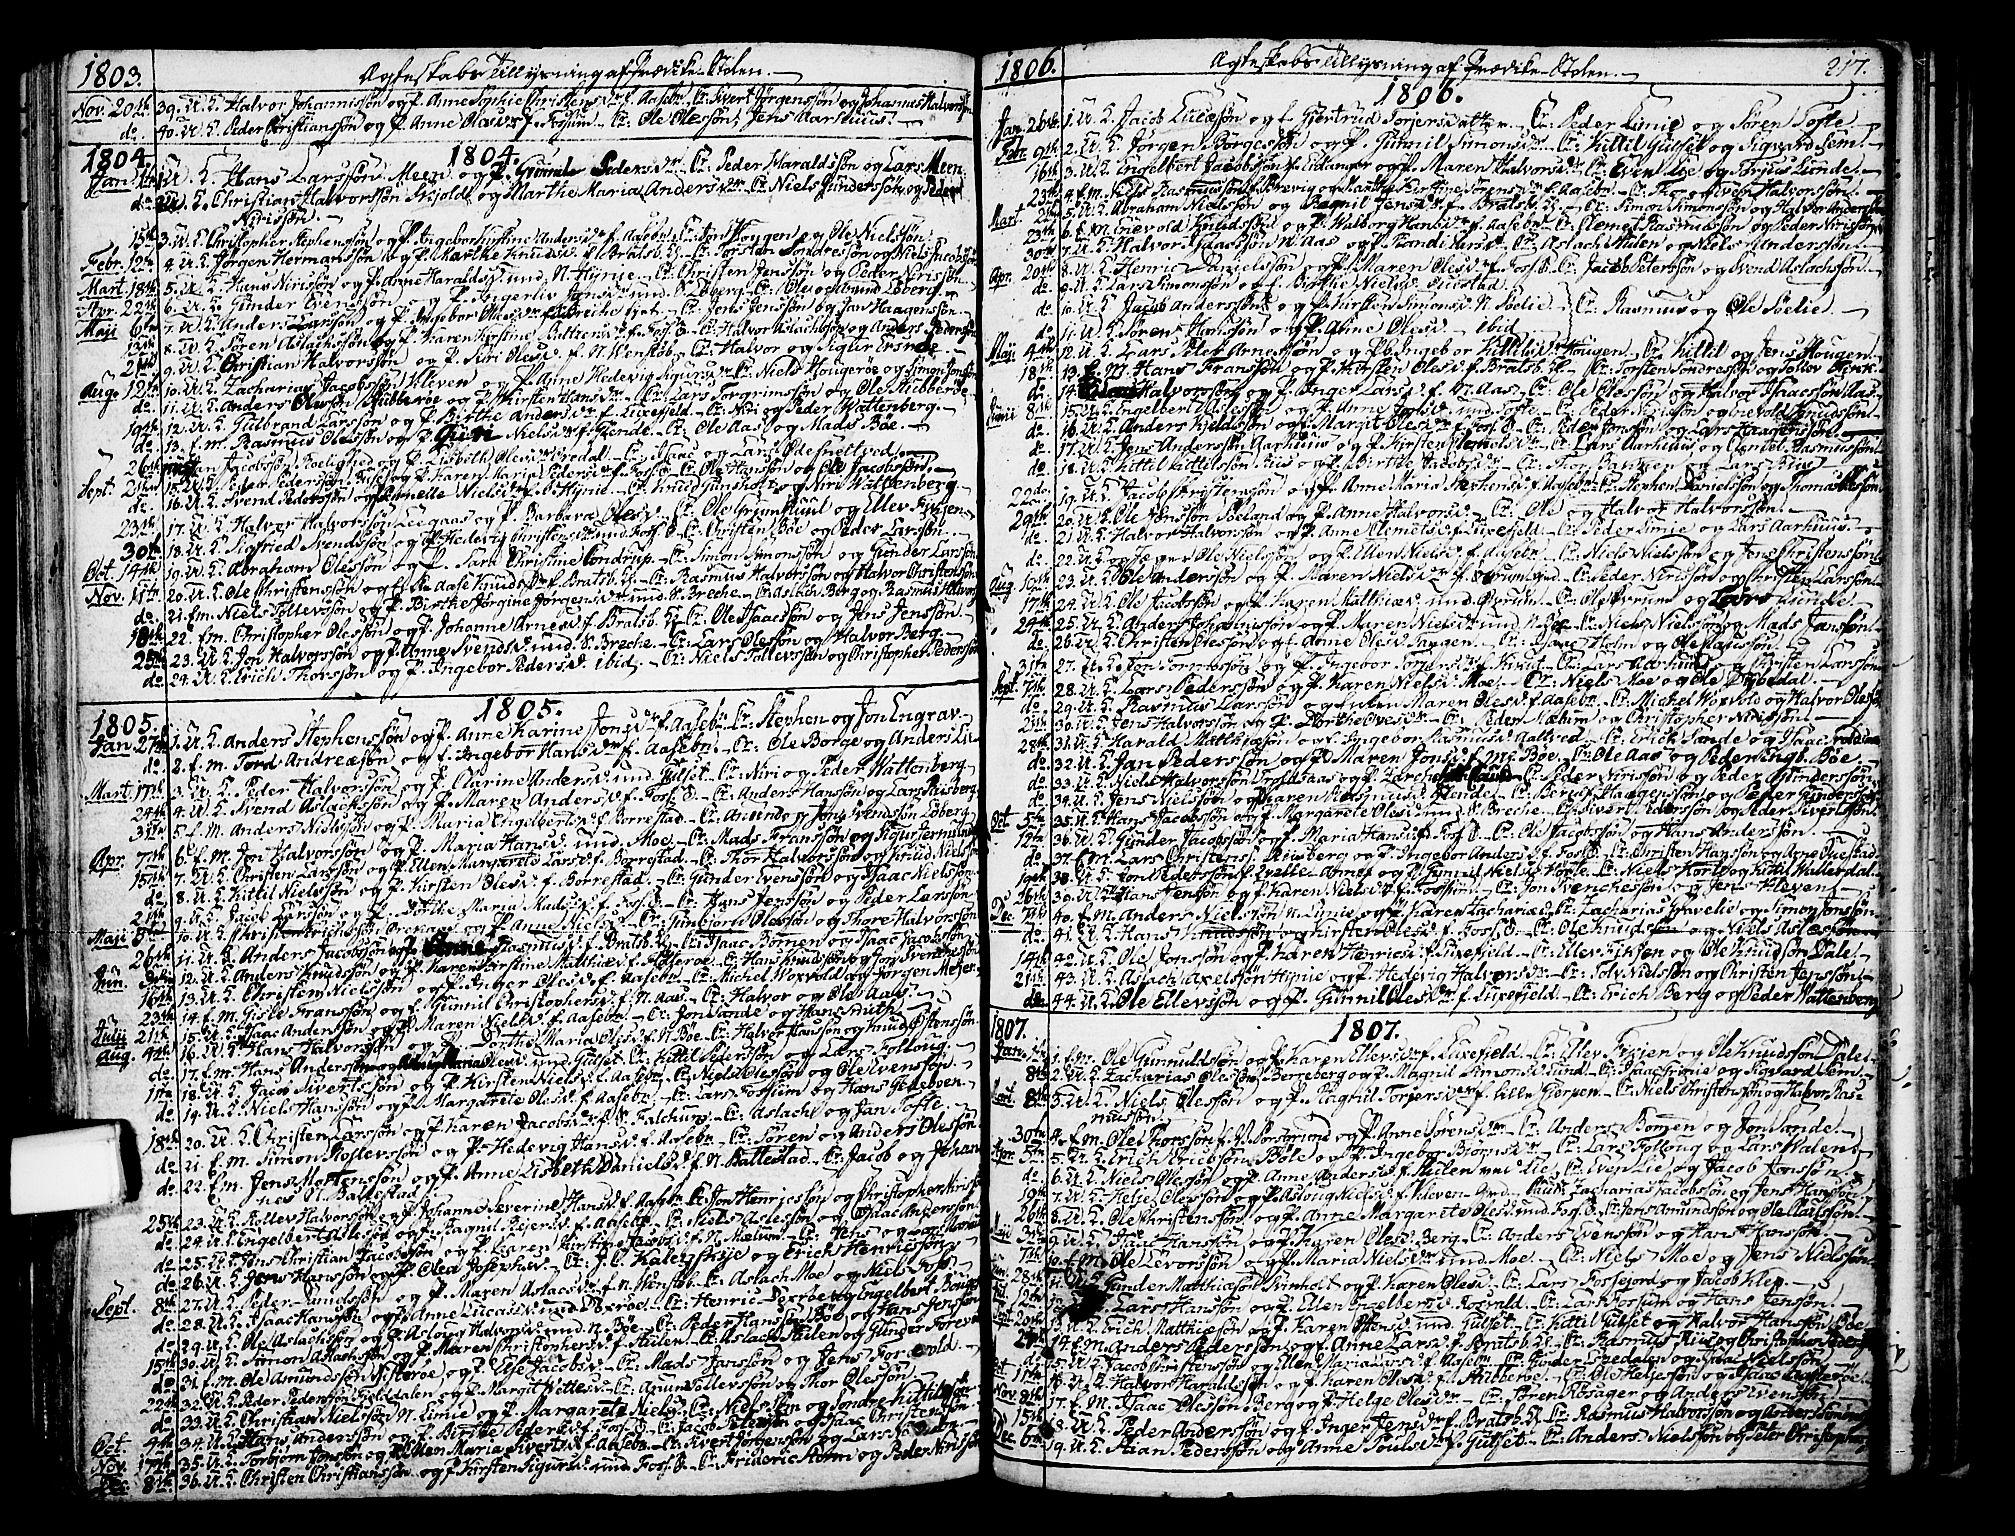 SAKO, Gjerpen kirkebøker, F/Fa/L0003: Ministerialbok nr. 3, 1796-1814, s. 217